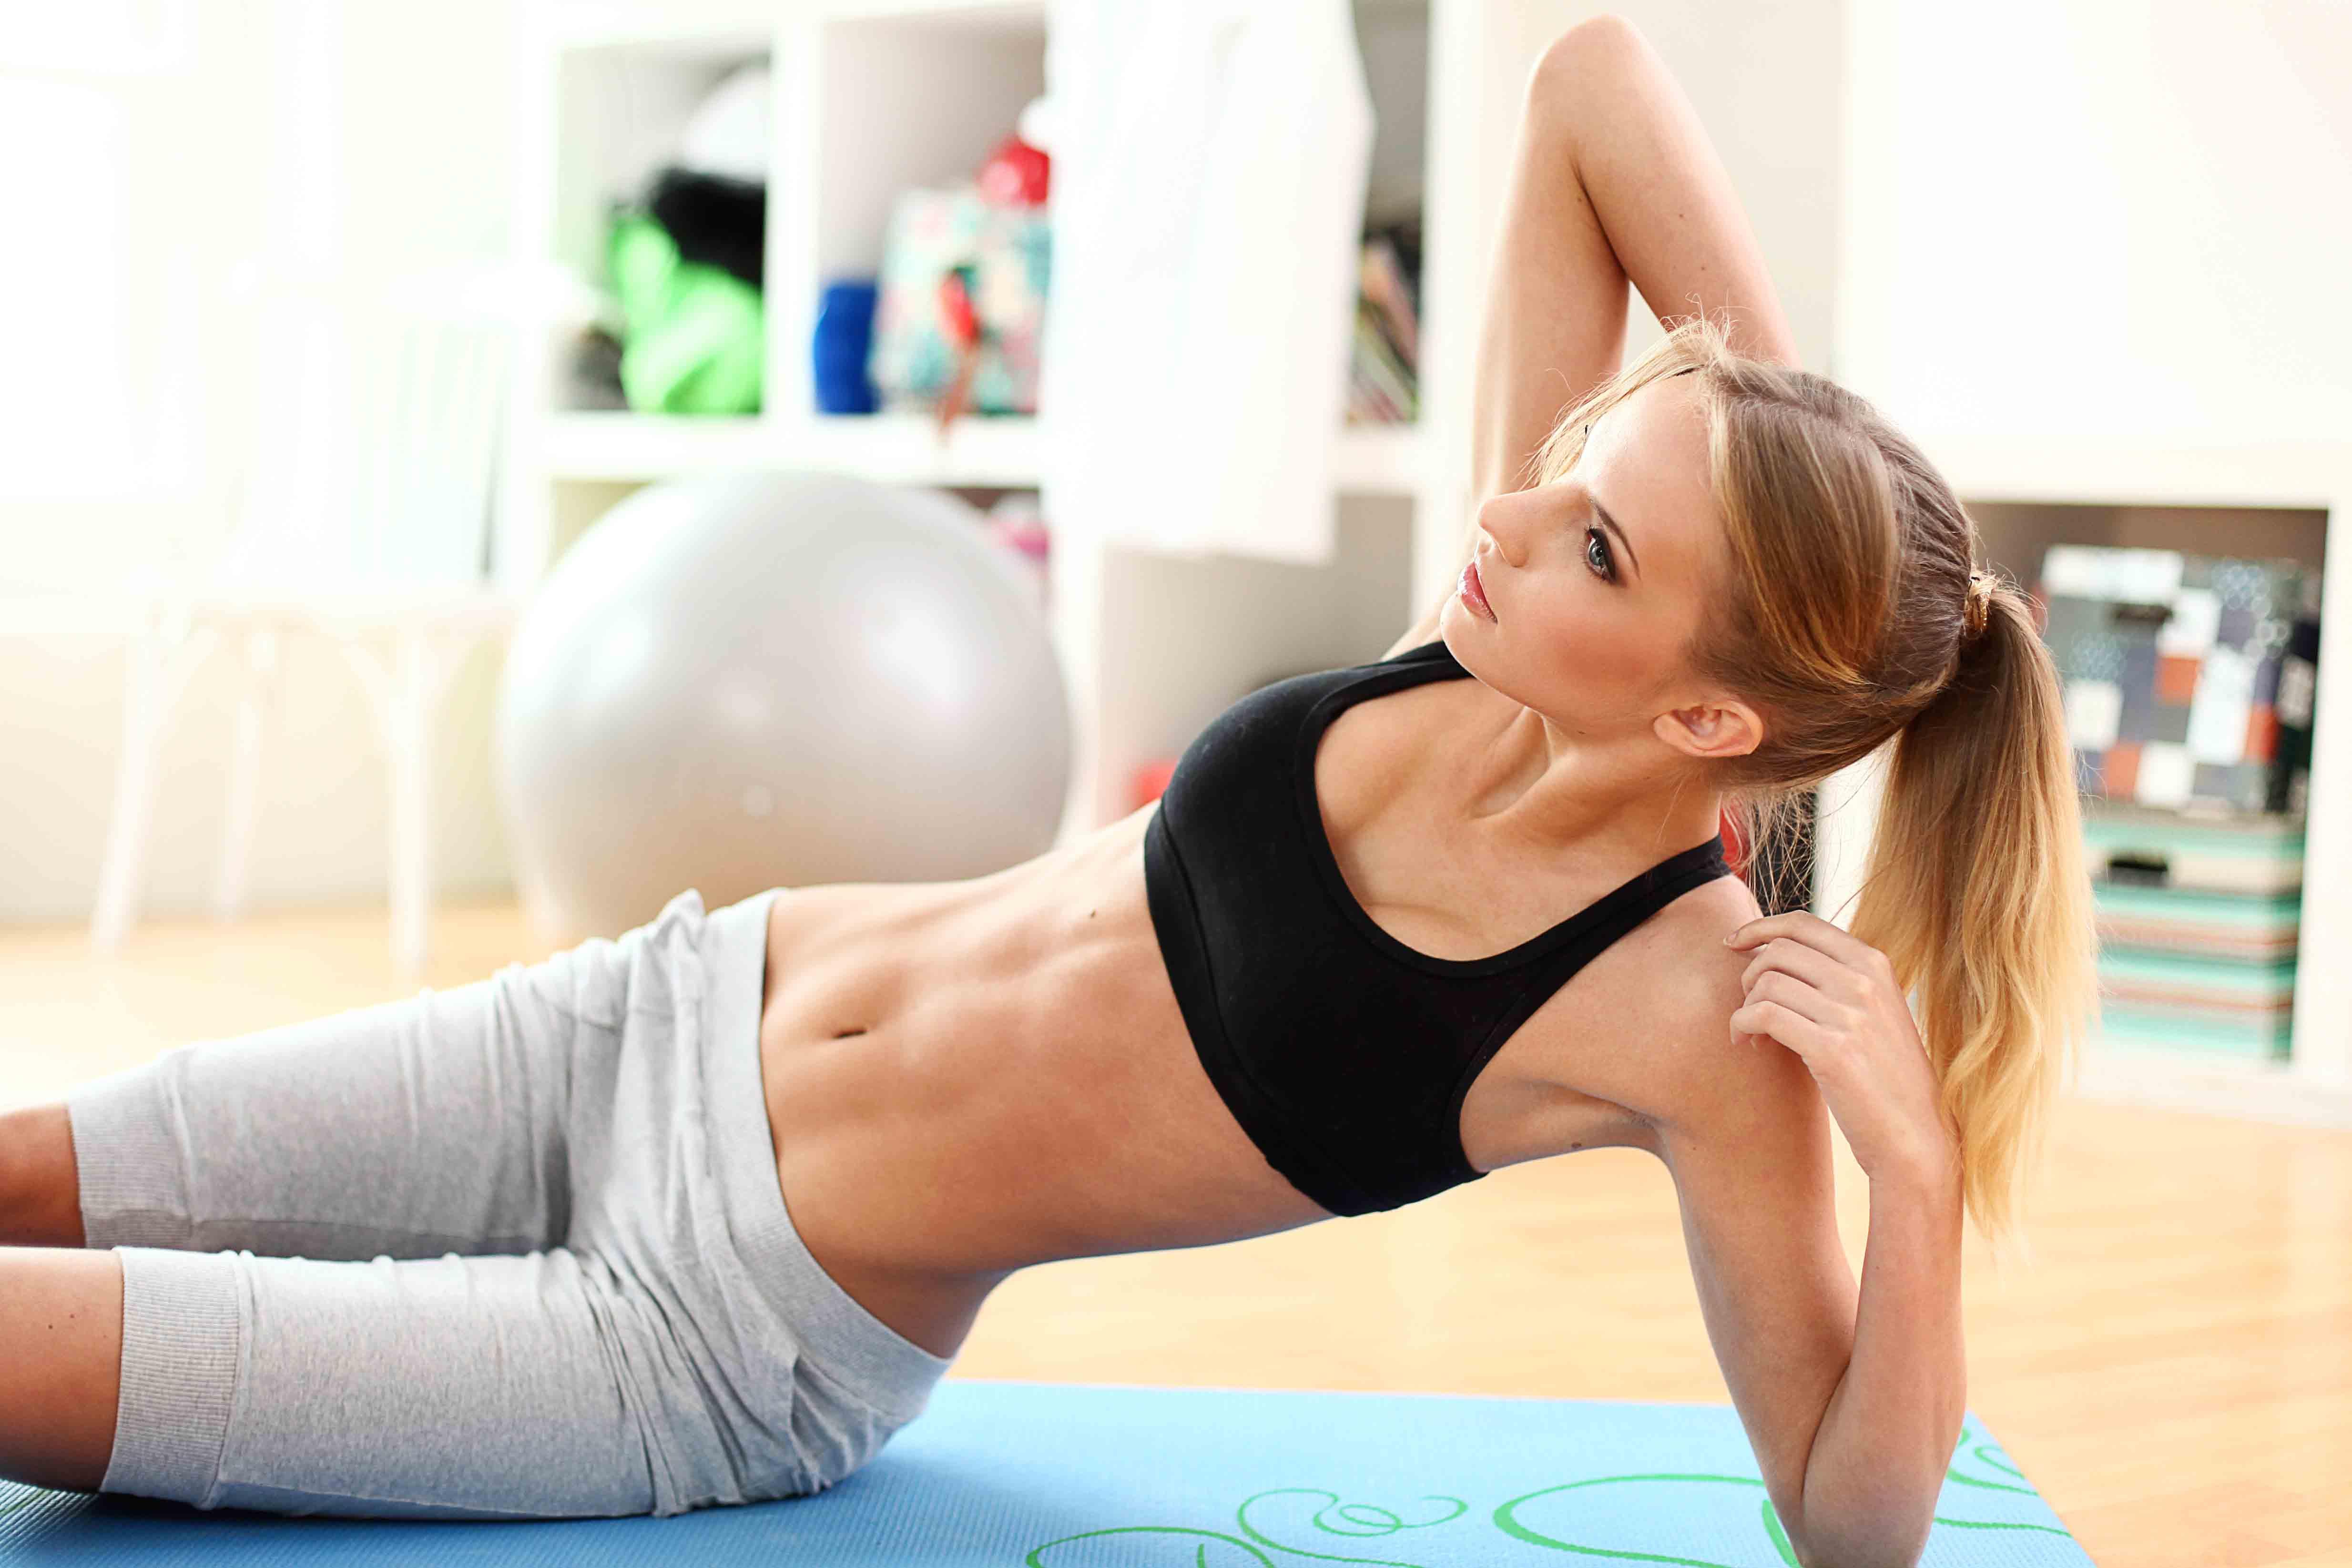 Домашние упражнения для похудения фитнес